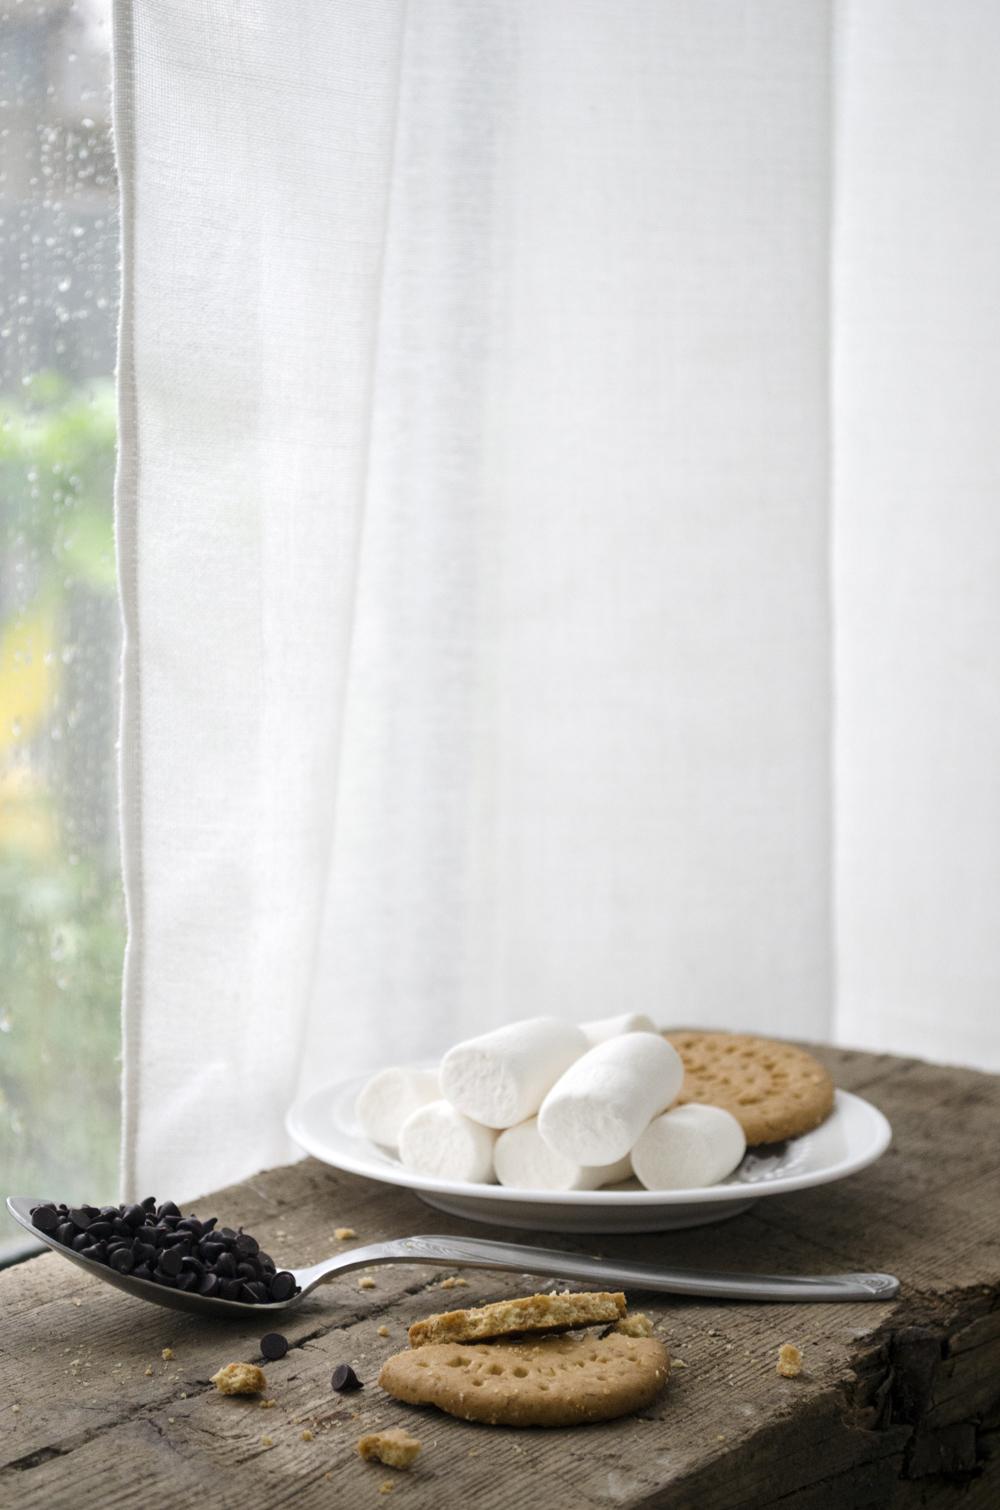 ingredienti torta in tazza | cioccolato e biscotti per torta